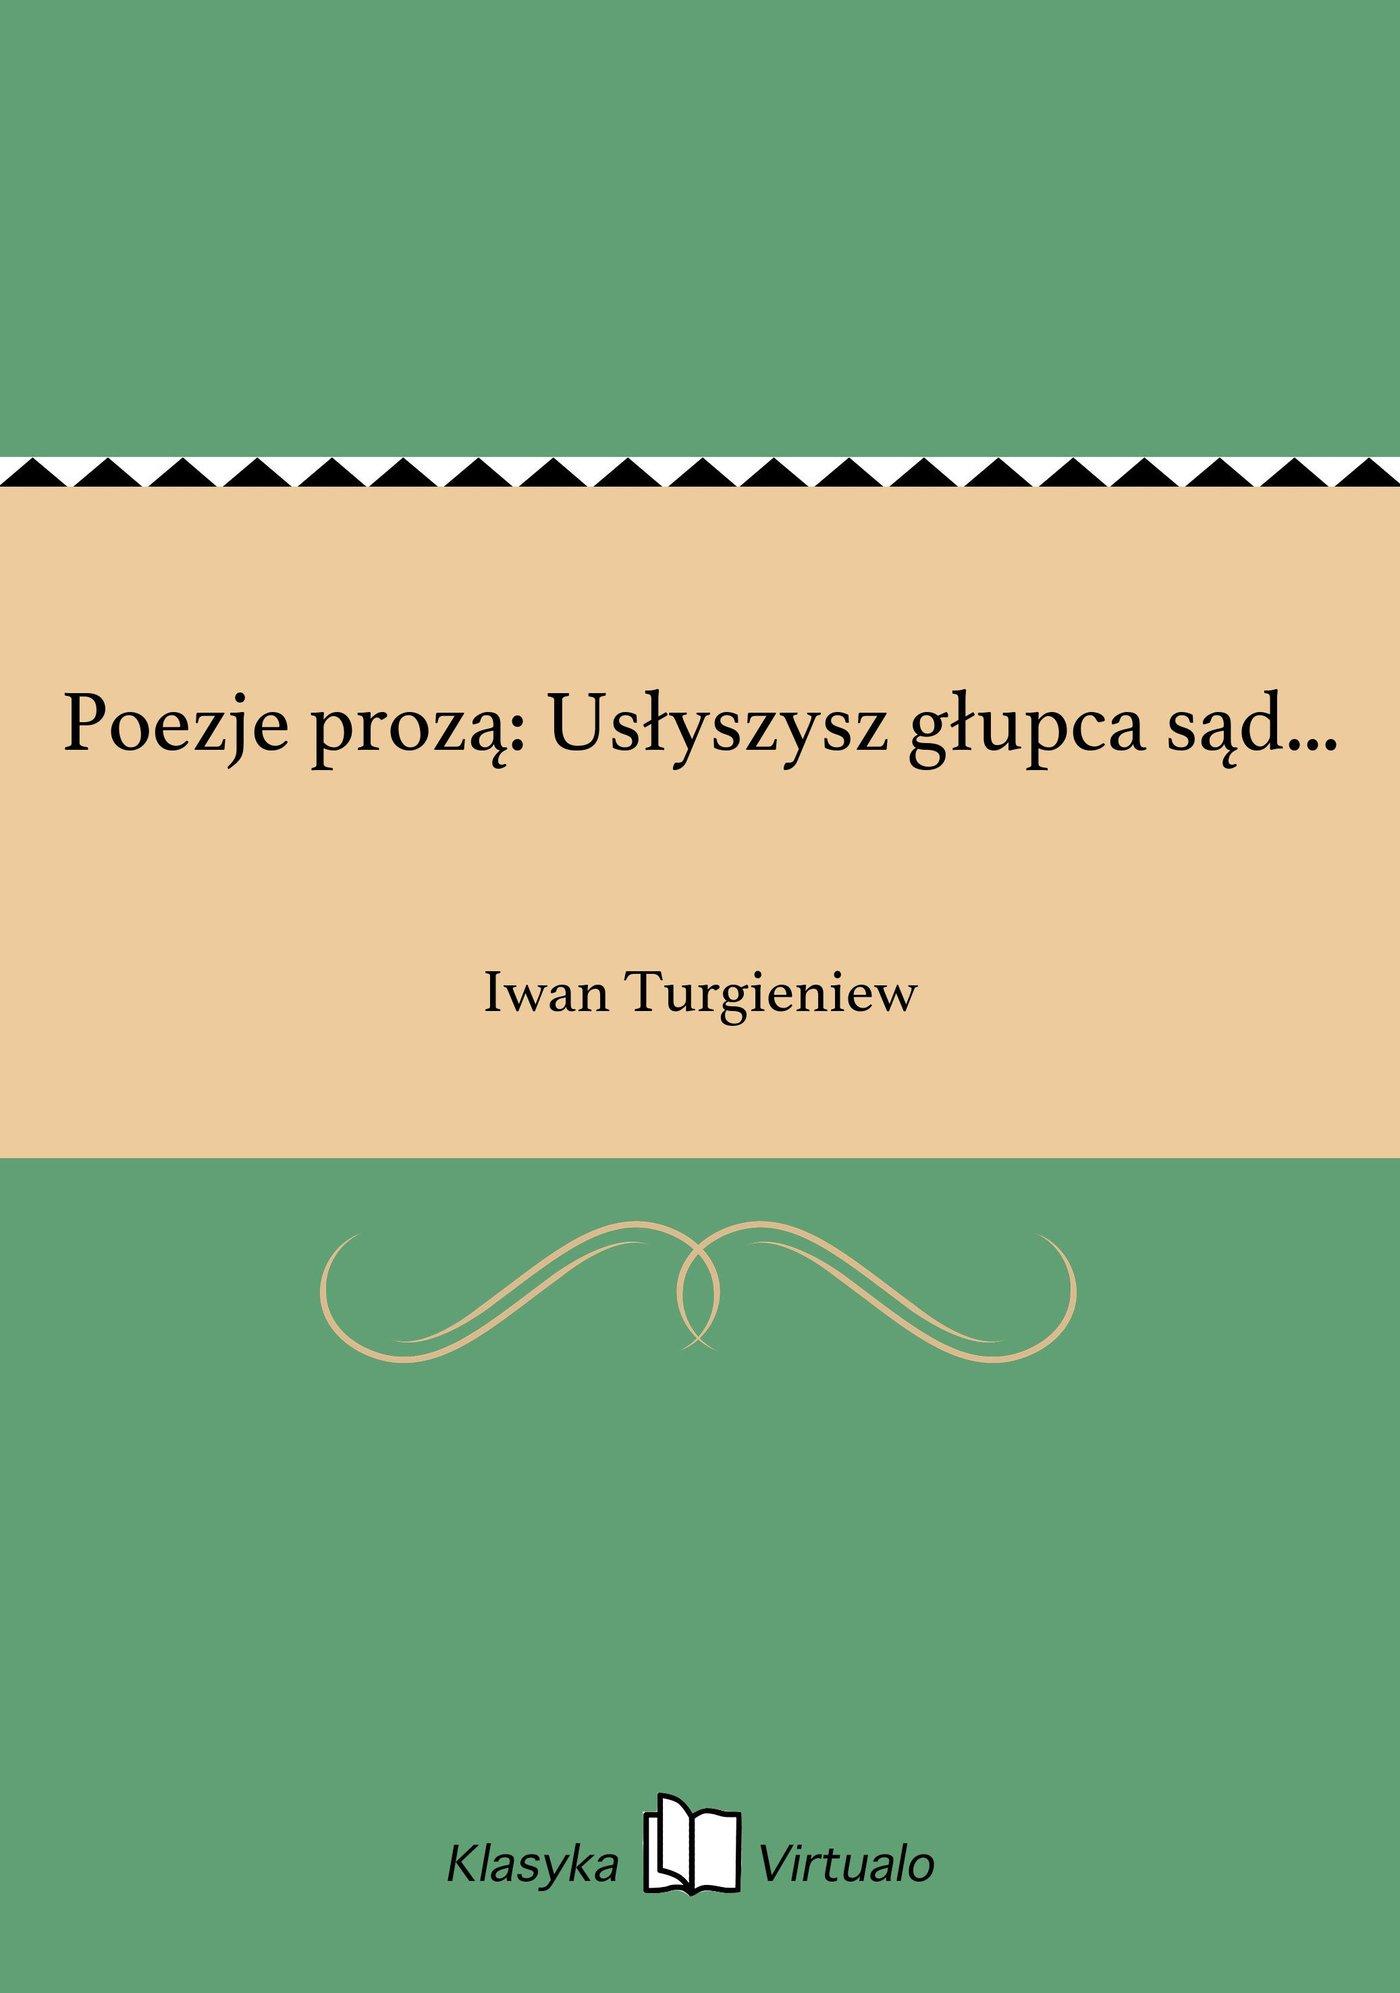 Poezje prozą: Usłyszysz głupca sąd... - Ebook (Książka EPUB) do pobrania w formacie EPUB